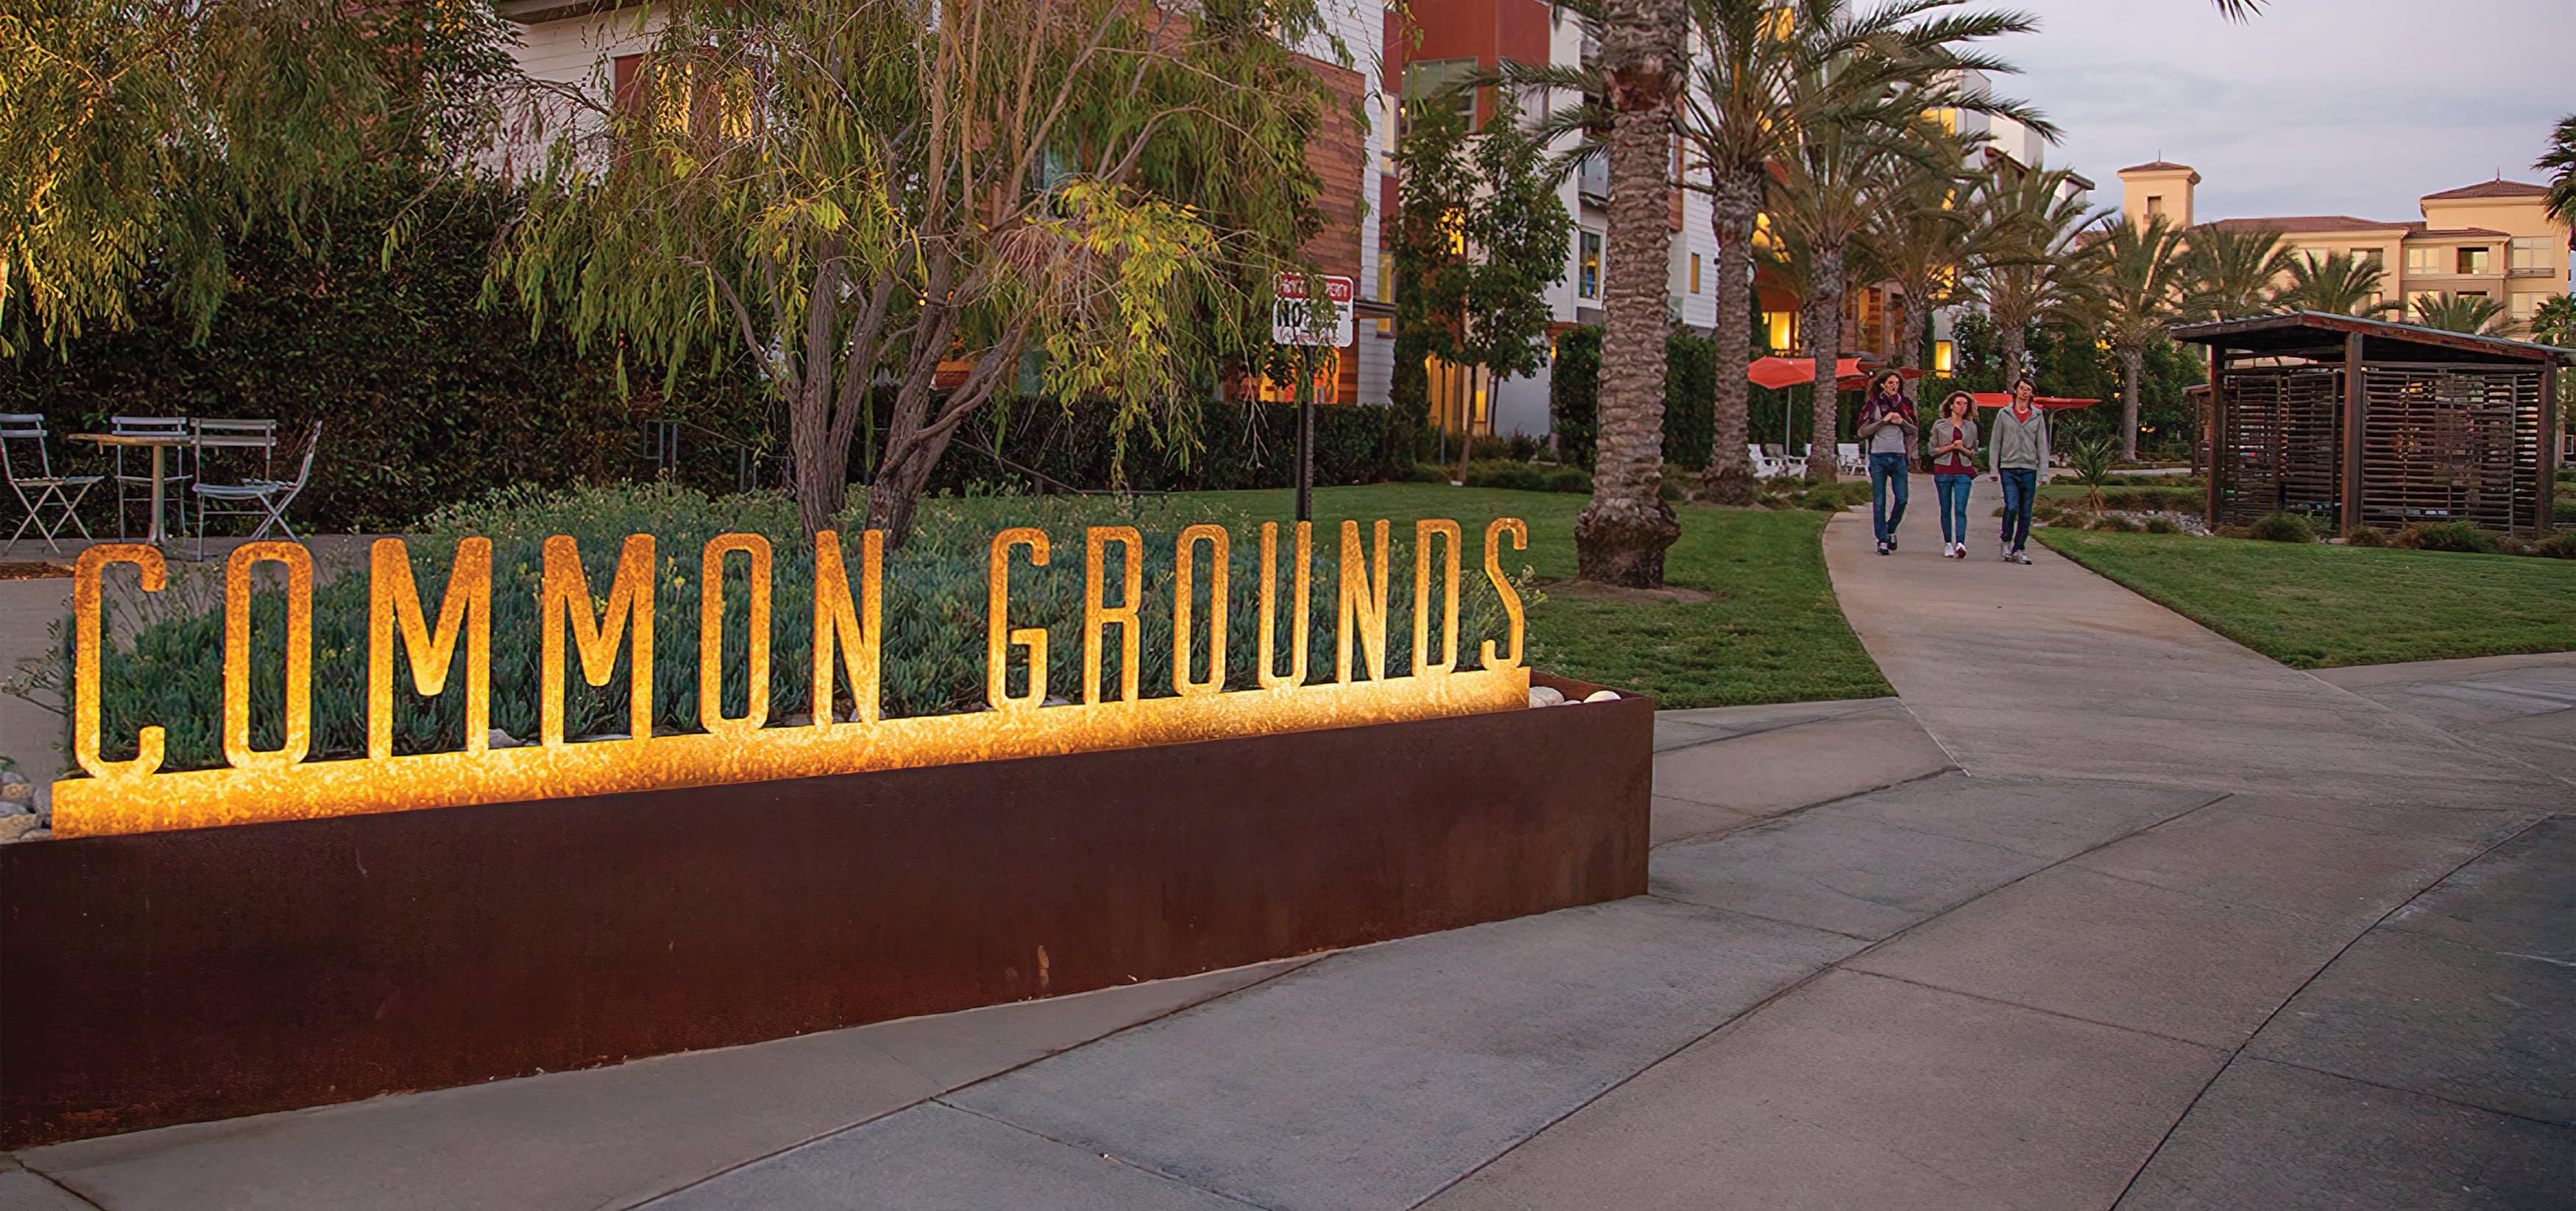 Park Design, Park Monument, Park Identity, Park Signage, Placemaking Design